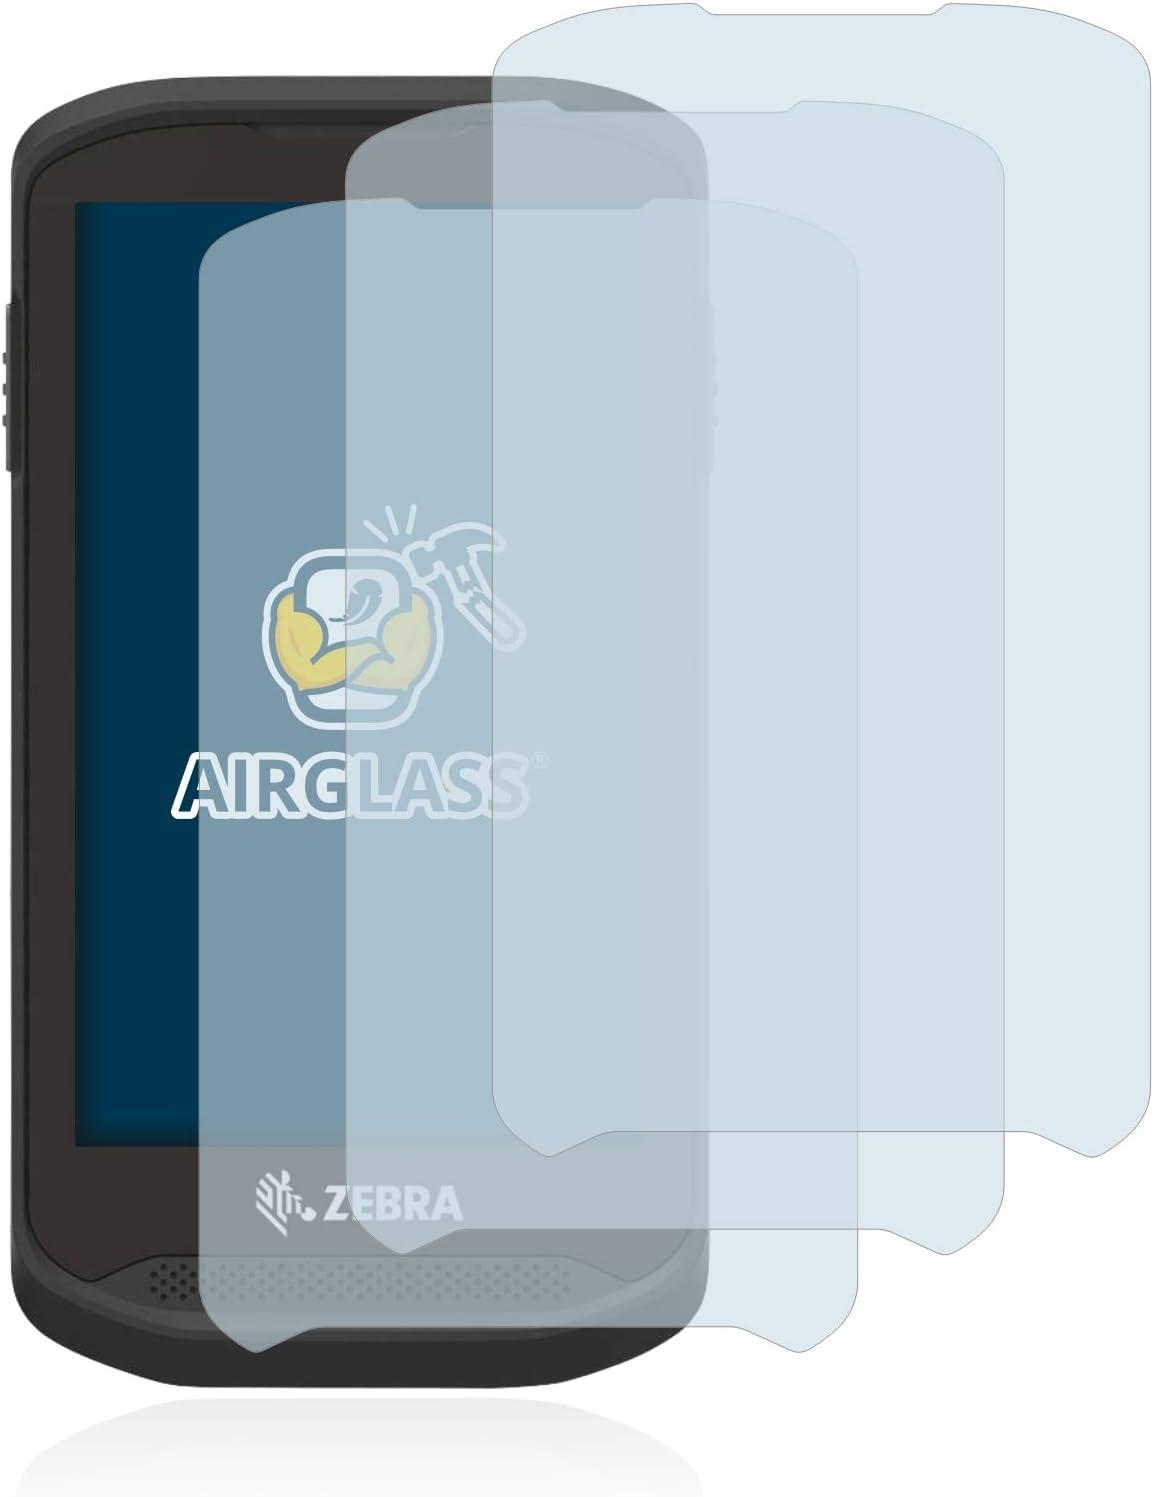 - AirGlass 3 St/ück Anti-Fingerprint extrem Kratzfest BROTECT Panzerglas Schutzfolie kompatibel mit Zebra TC77 Ultra-transparent